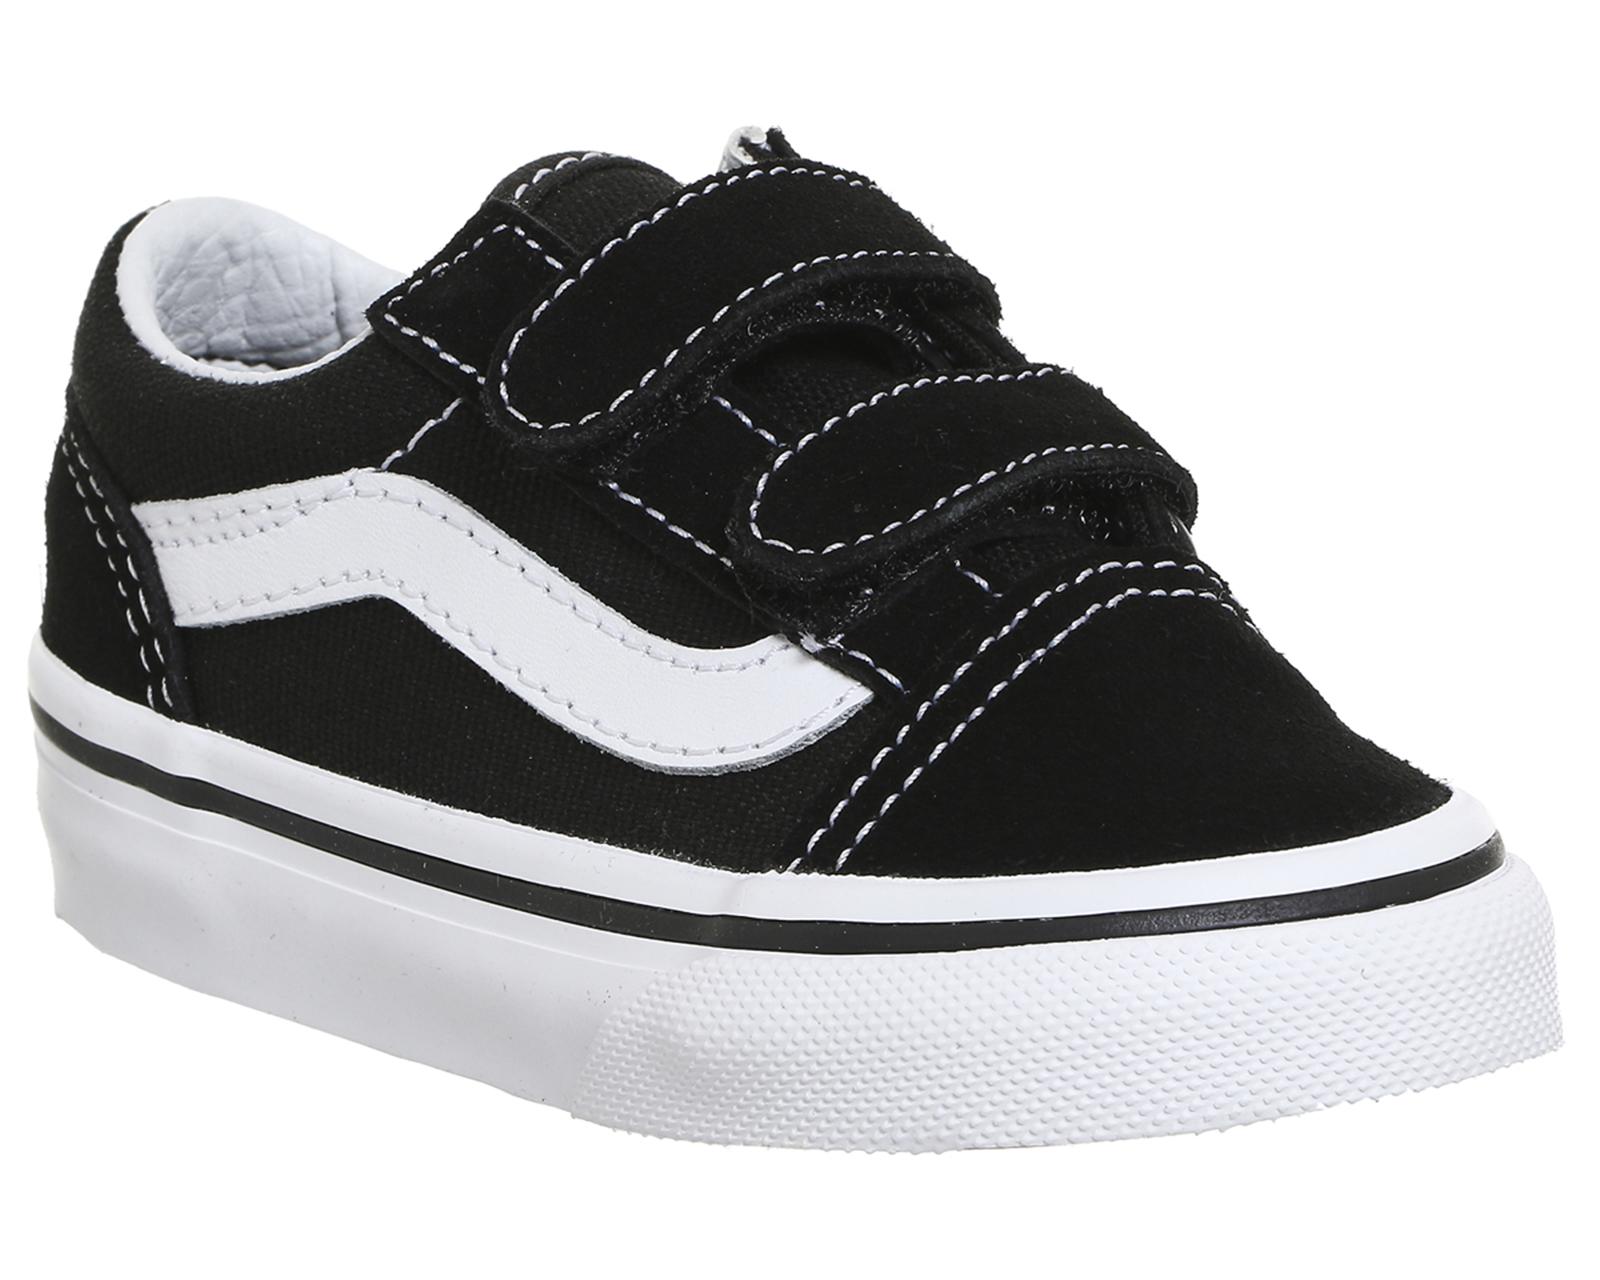 ad52592677 Sentinel Kids Vans Old Skool Black True White Kids